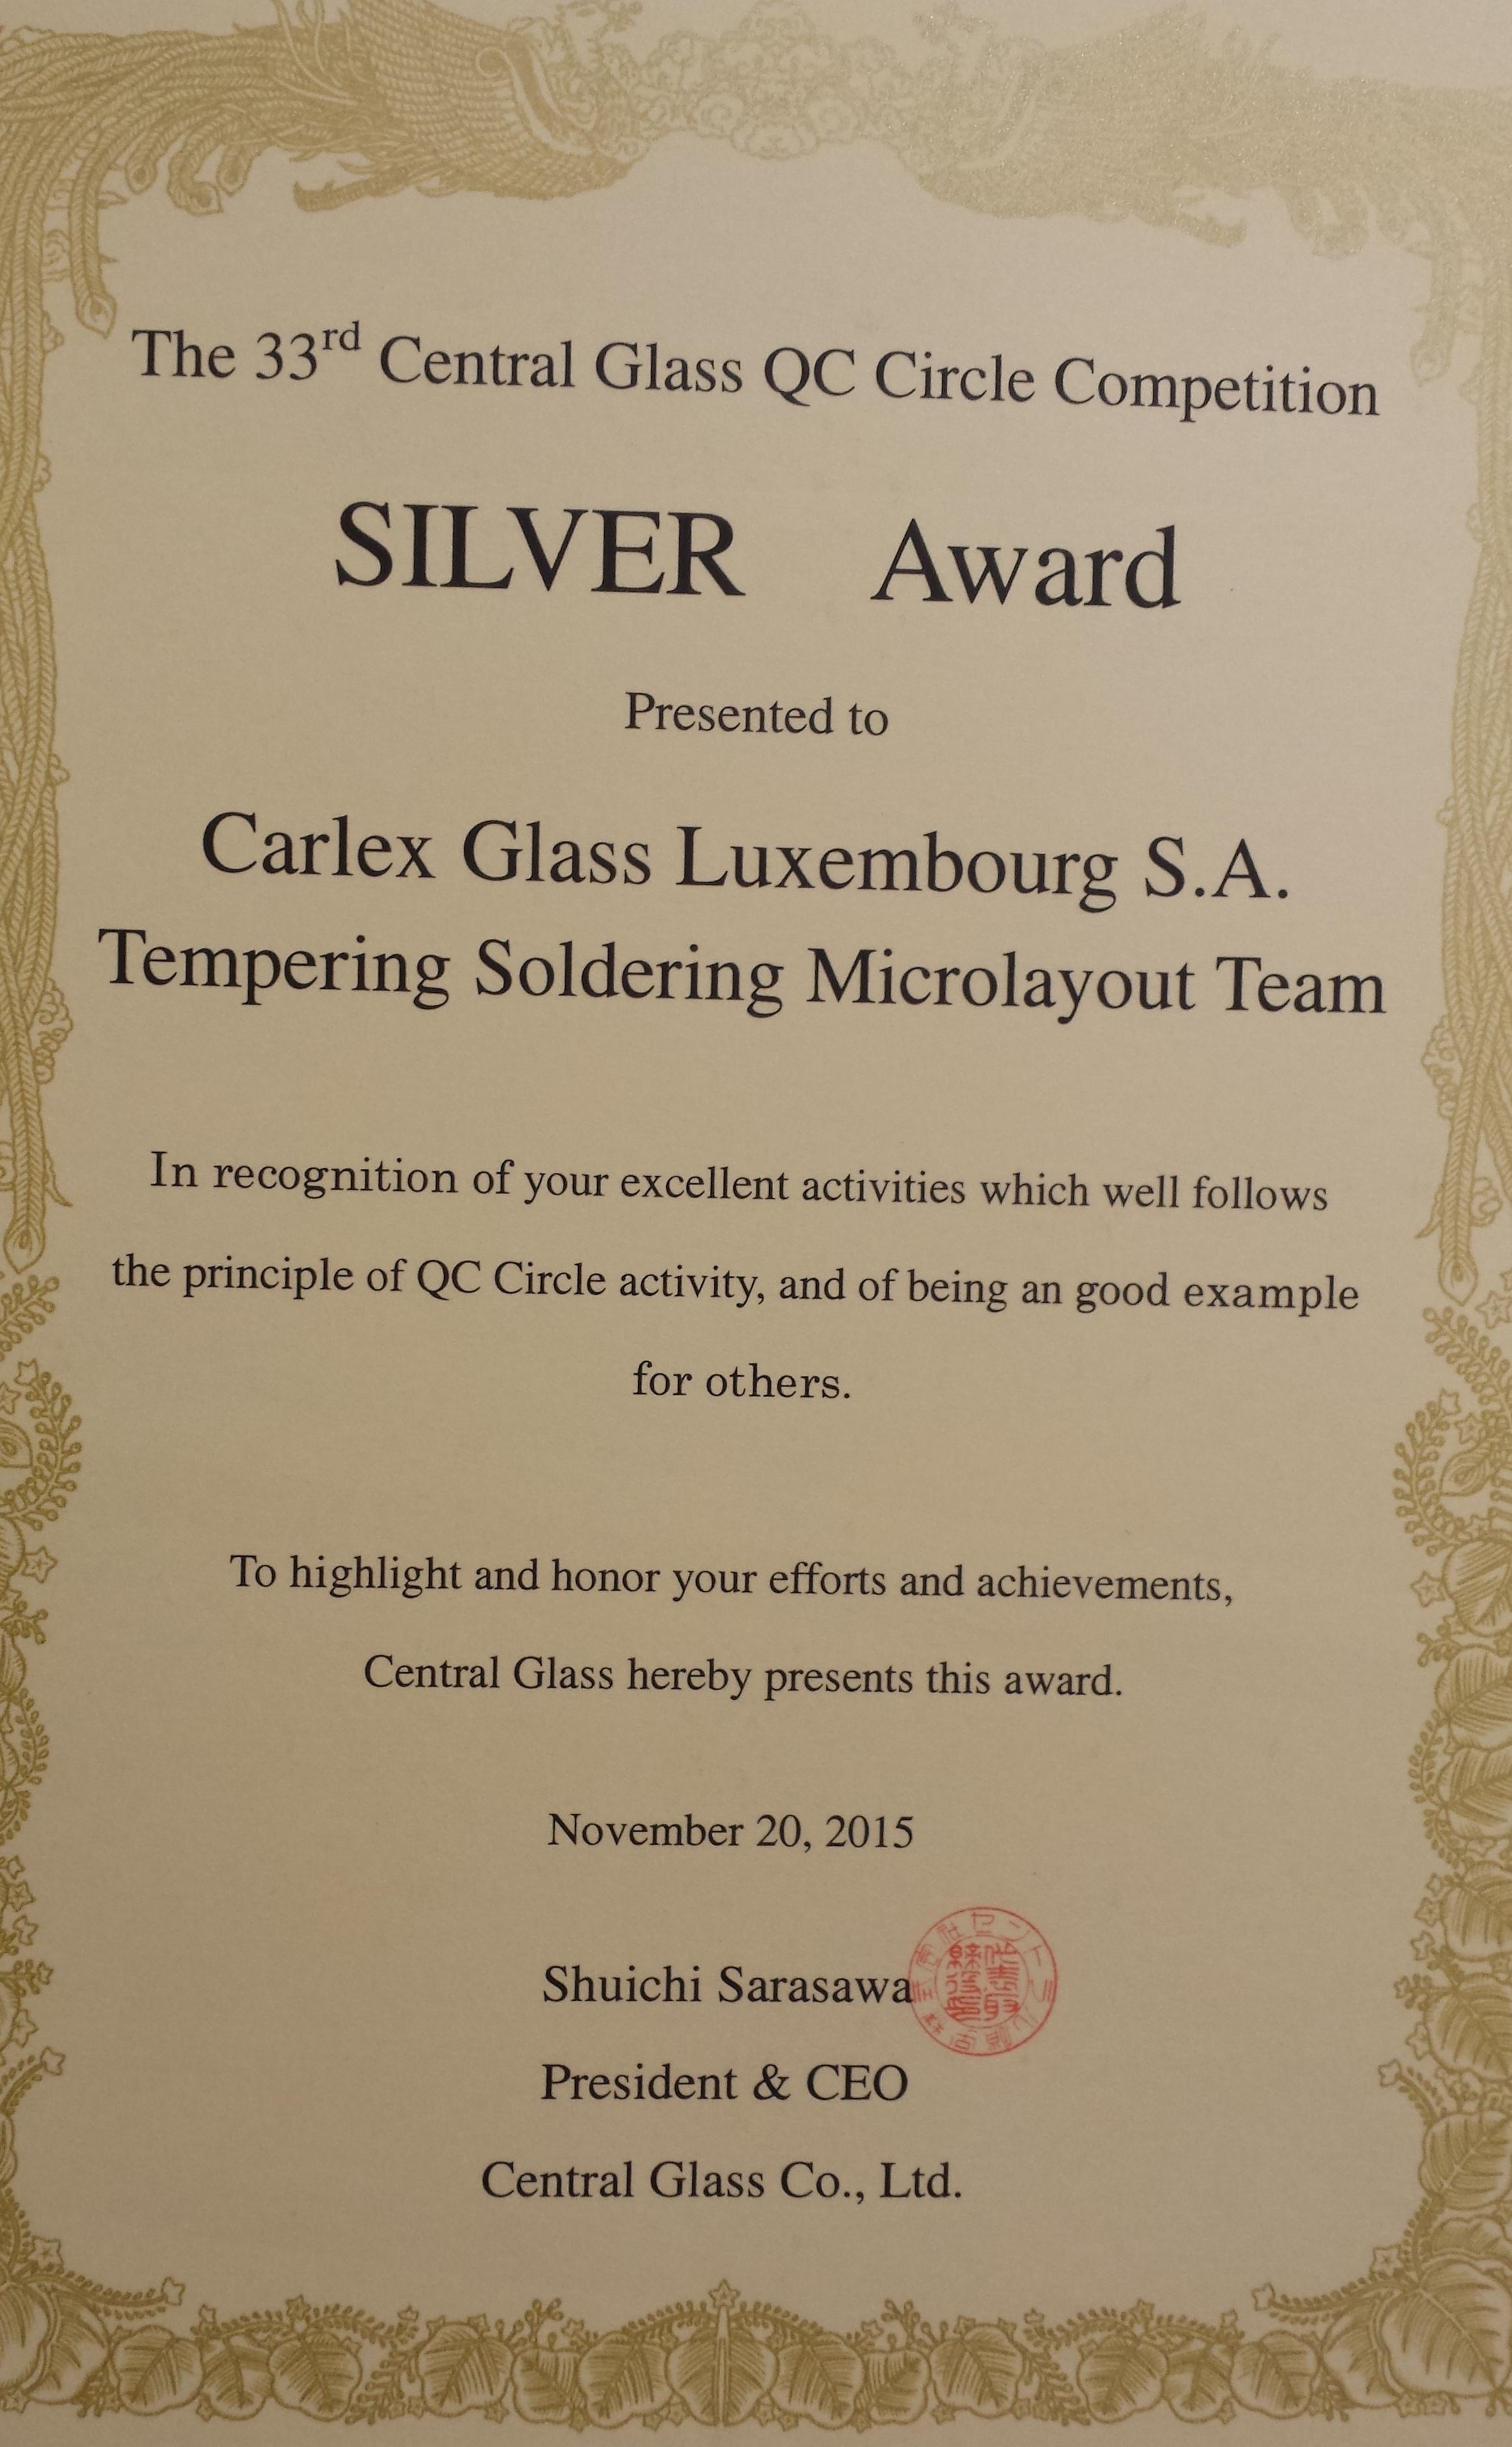 carlex silver award